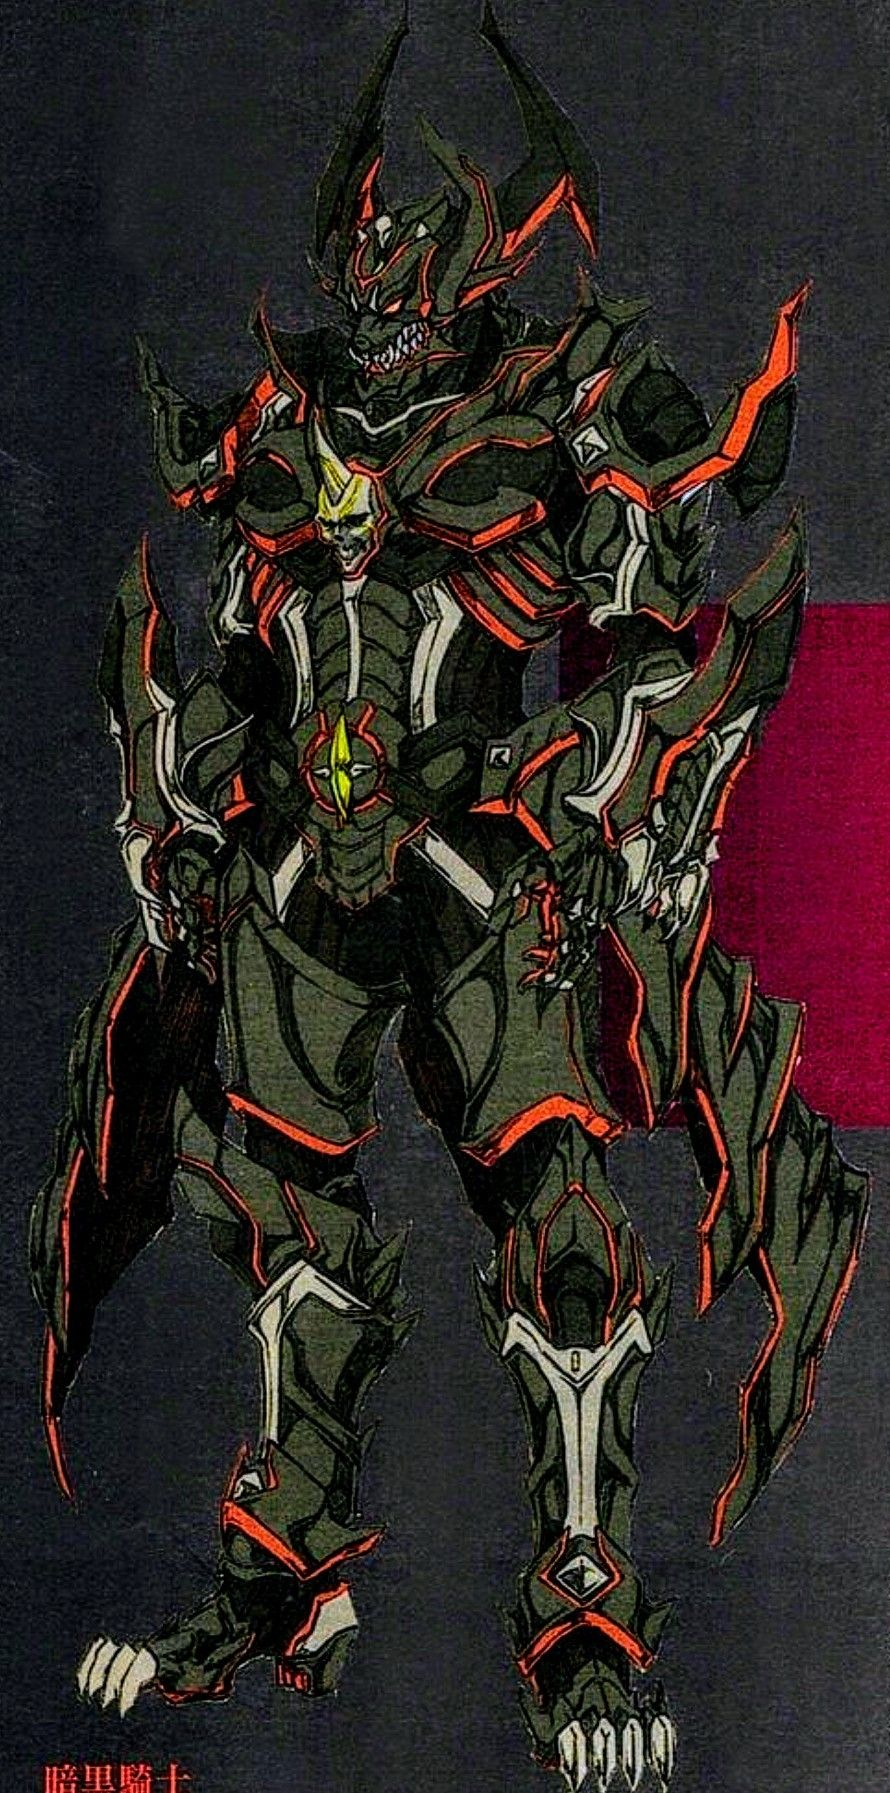 Pin de Pato M. en Anime   Pinterest   Armaduras, Dragones y Demonios